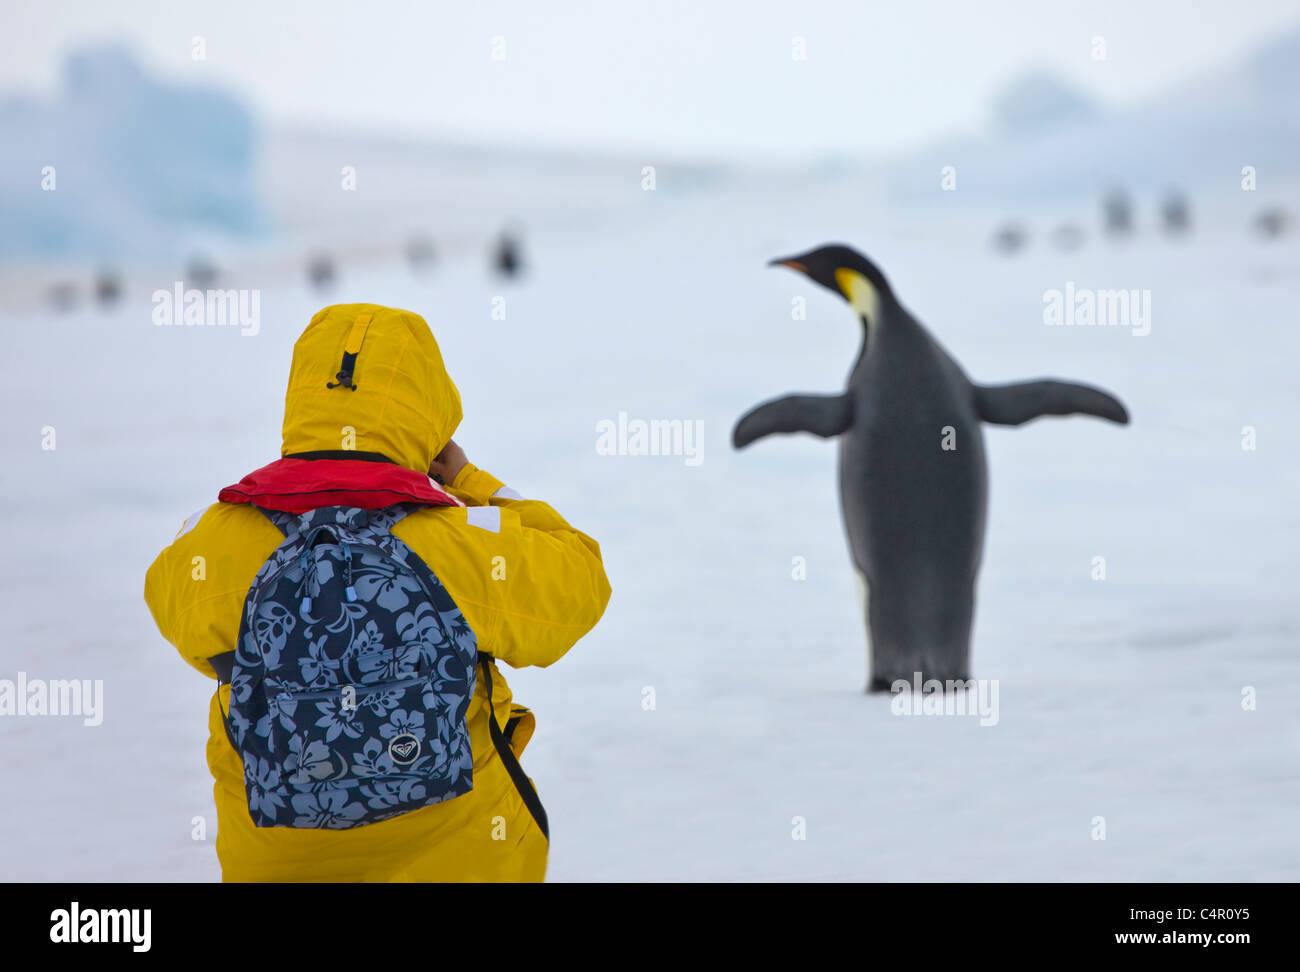 Tourist fotografando pinguino imperatore su ghiaccio, Snow Hill Island, Antartide Immagini Stock